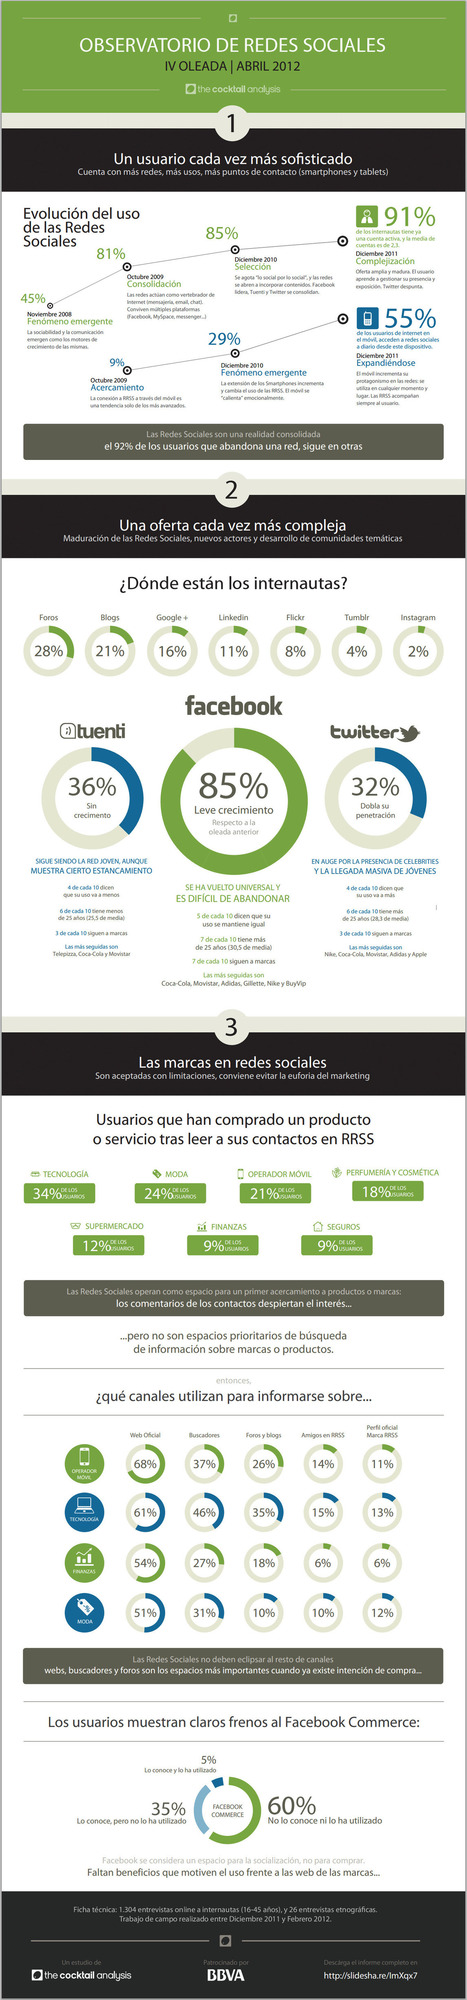 Cómo usamos las redes sociales en España (abril/2012) #infografia #infographic #socialmedia | juancarloscampos.net | Scoop.it